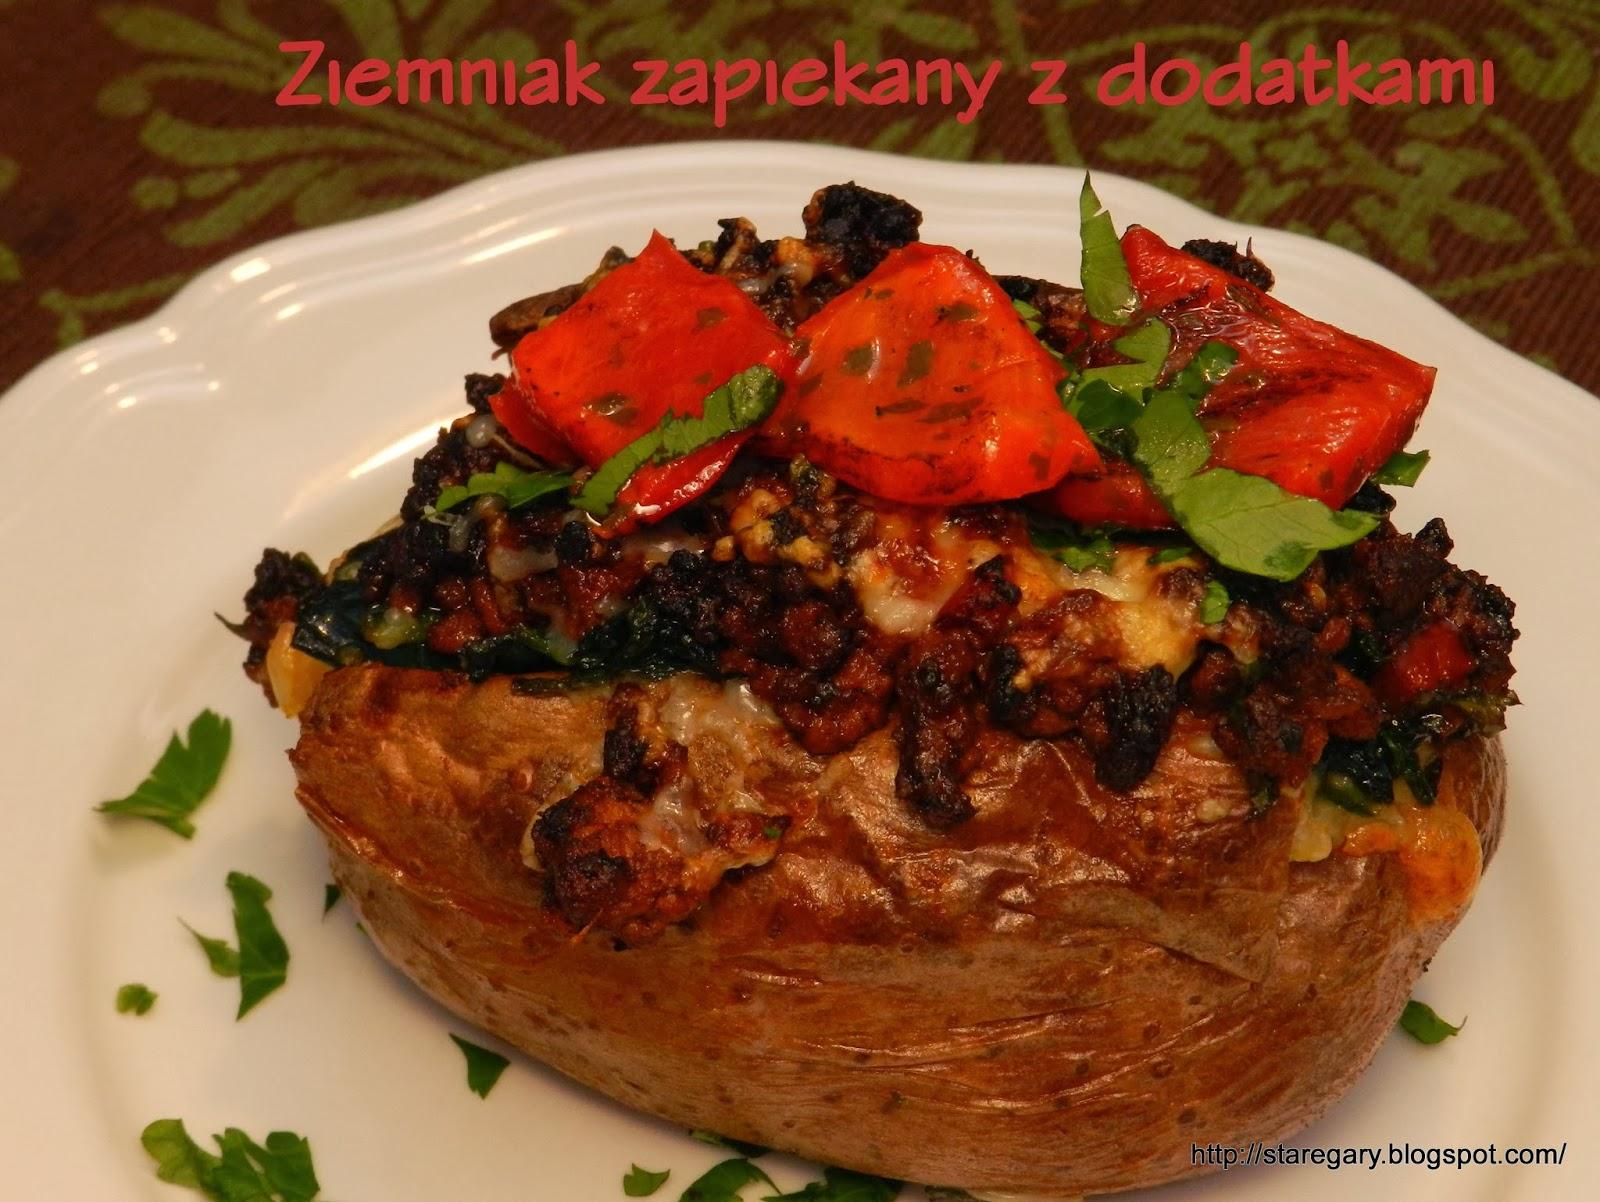 Ziemniak zapiekany z dodatkami czyli prawie kumpir